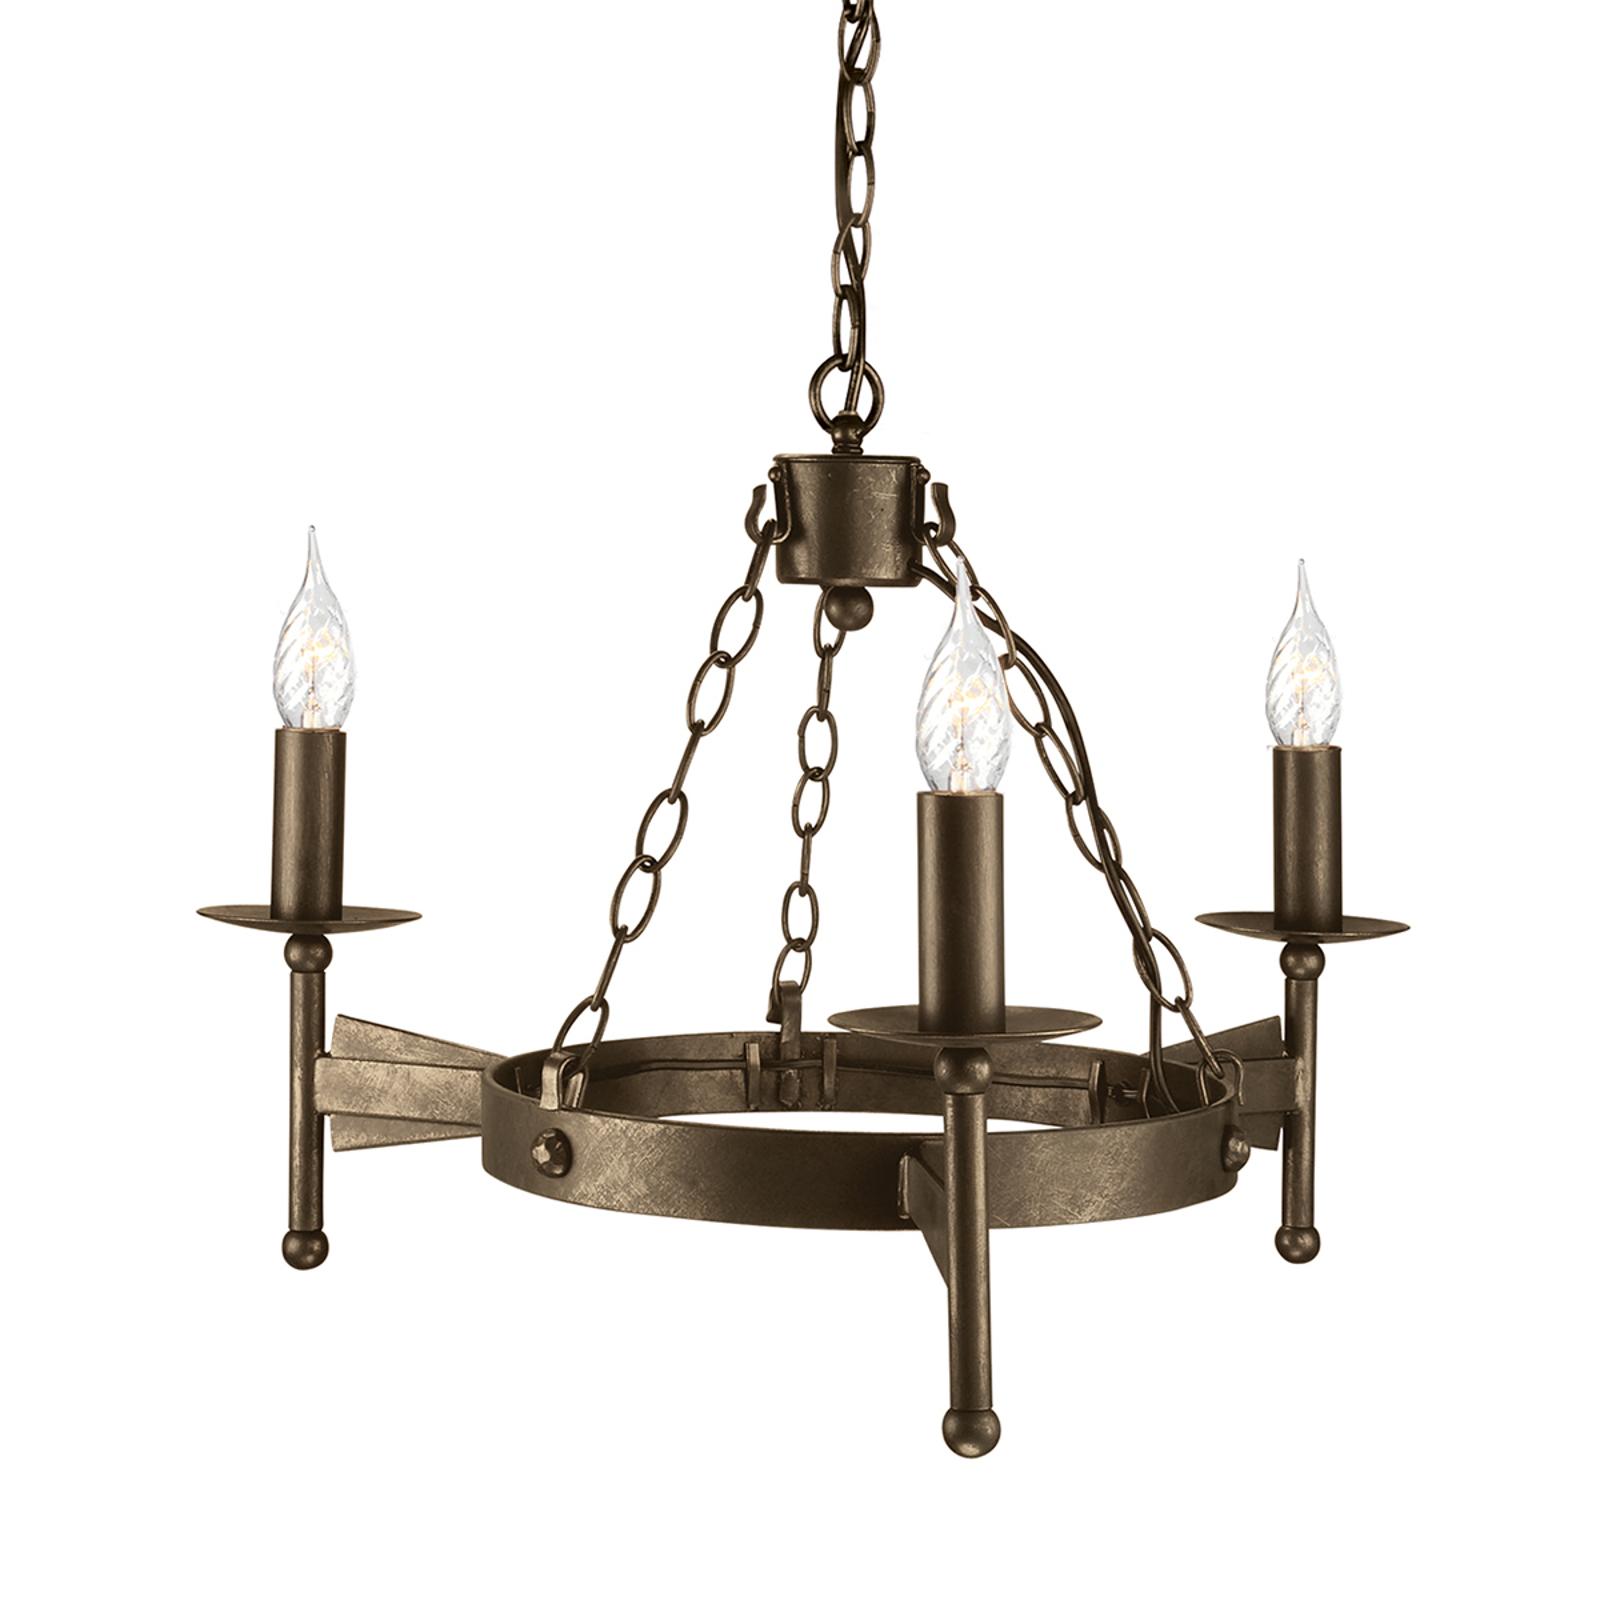 Middeleeuwse hanglamp CROMWELL, 3-lichts